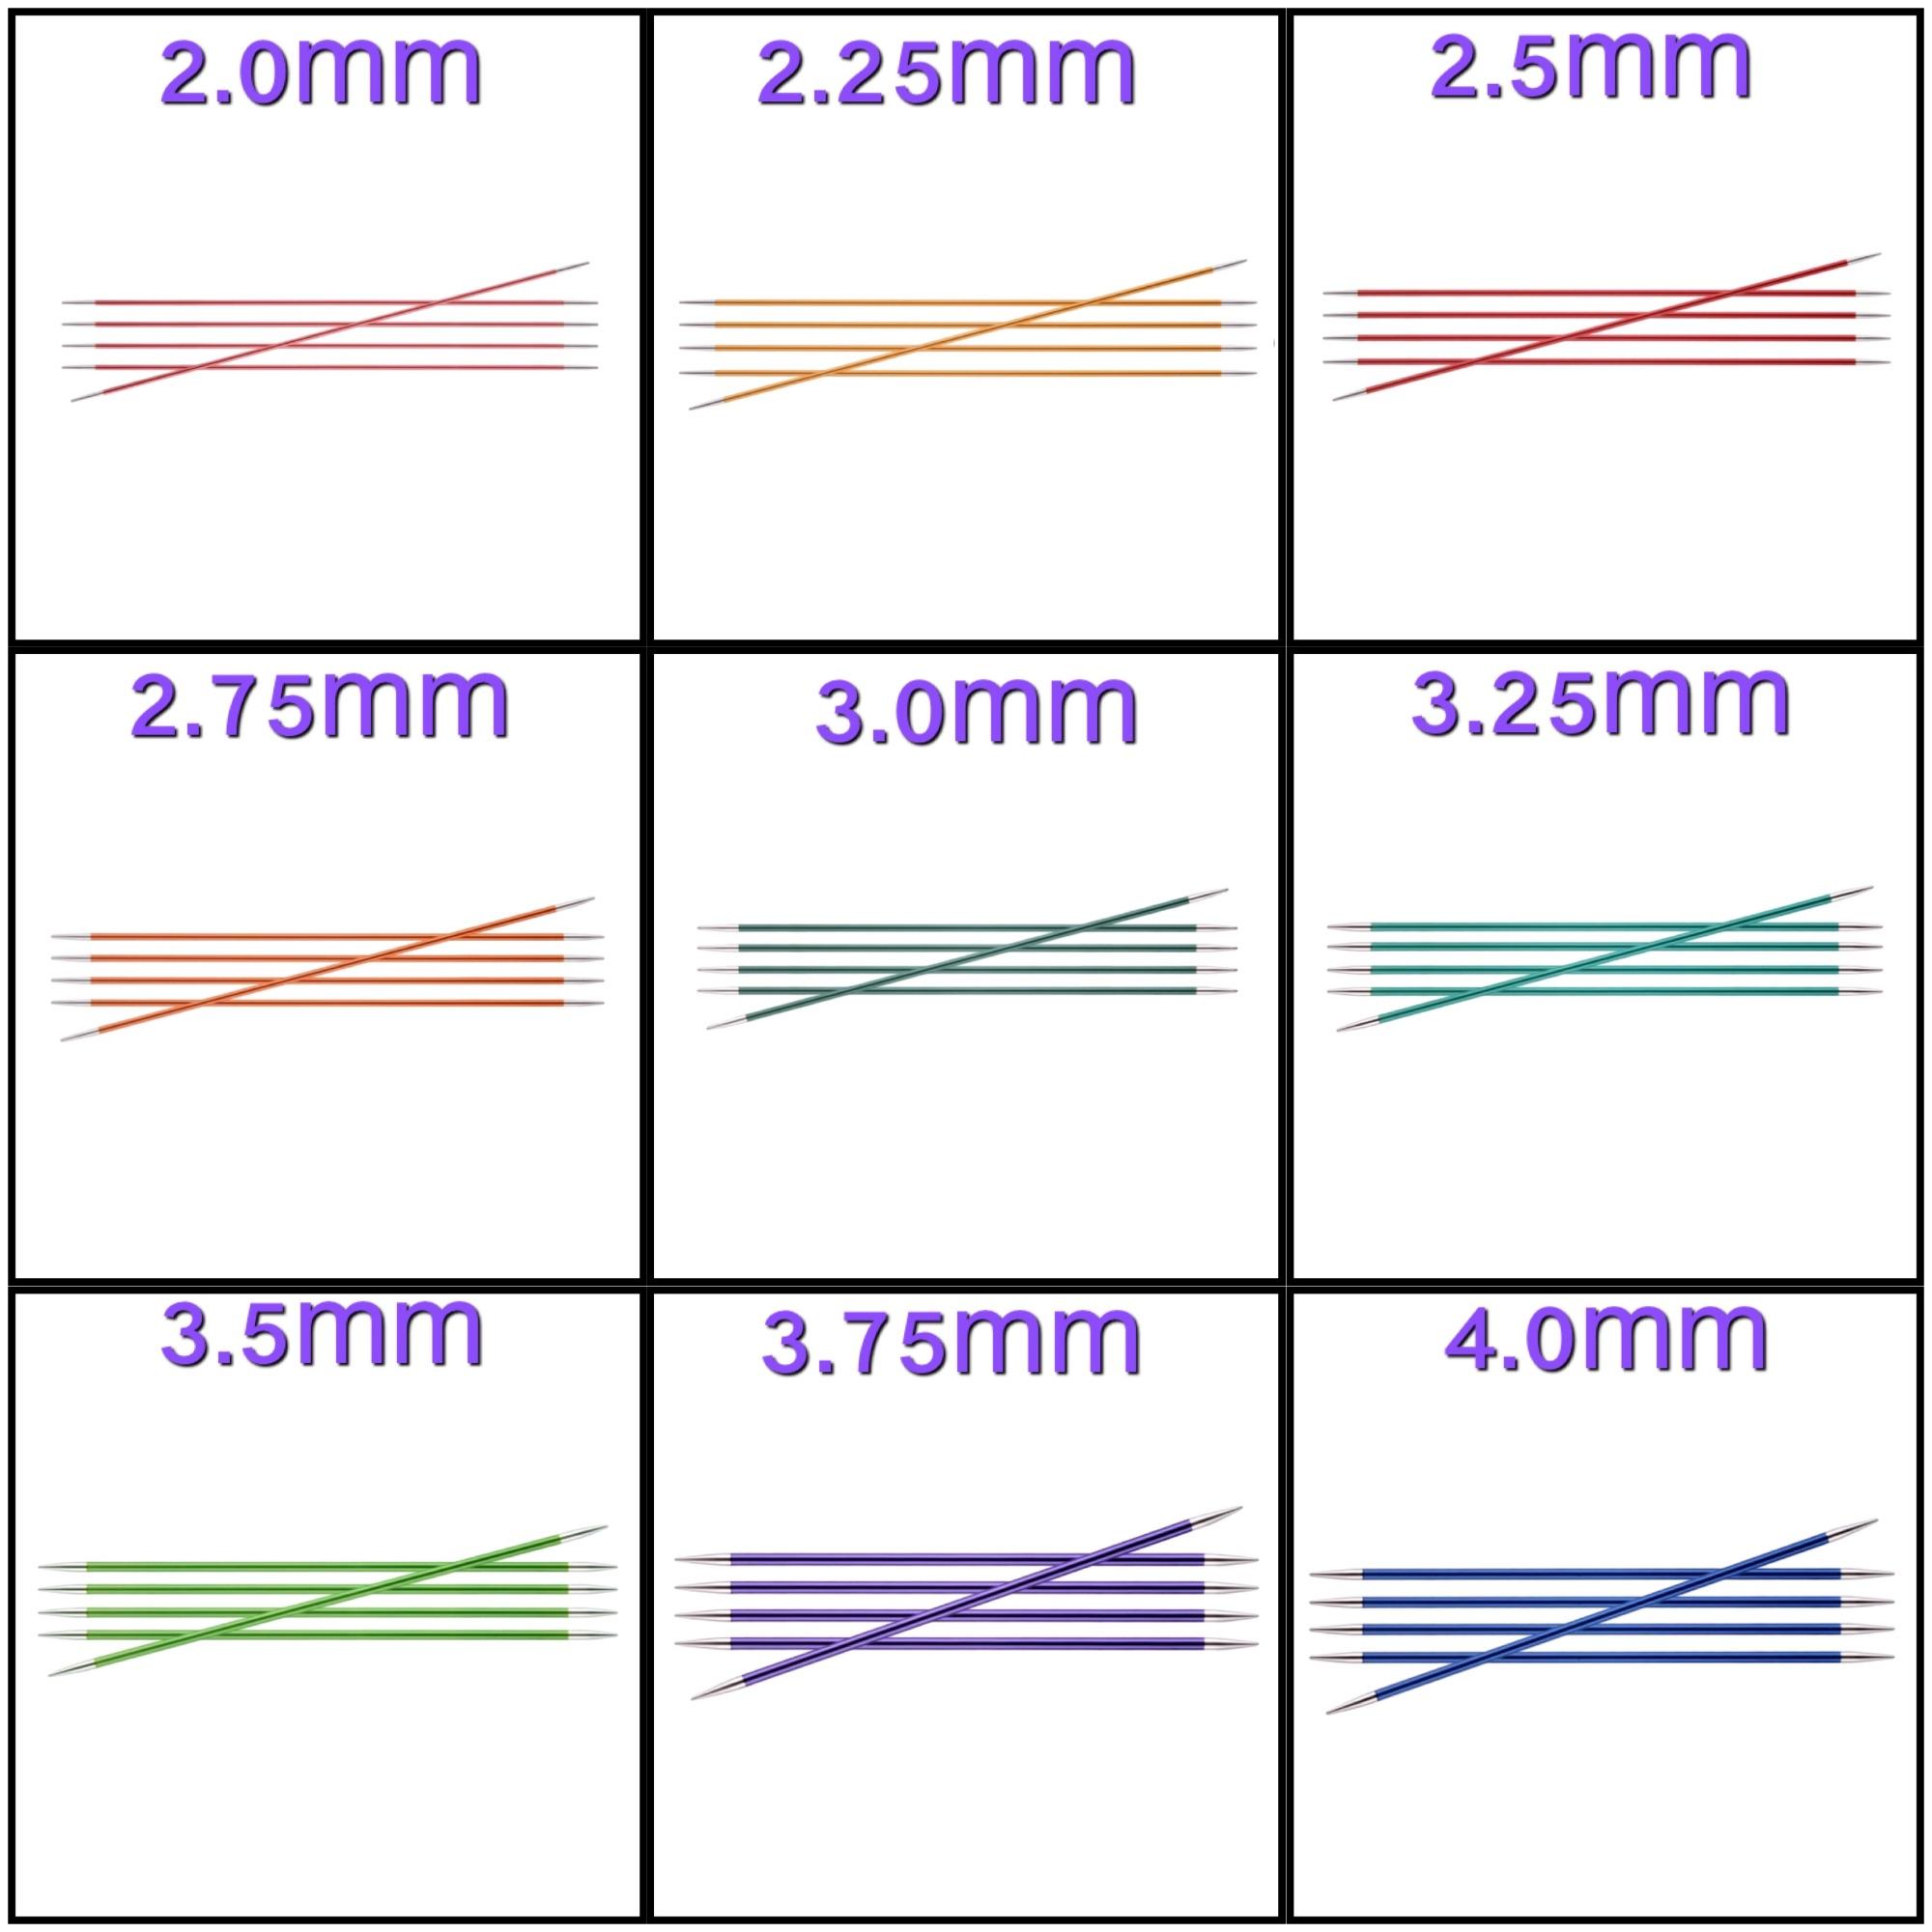 knitpro zing 15cm double point knitting needles set 5 Sizes colours